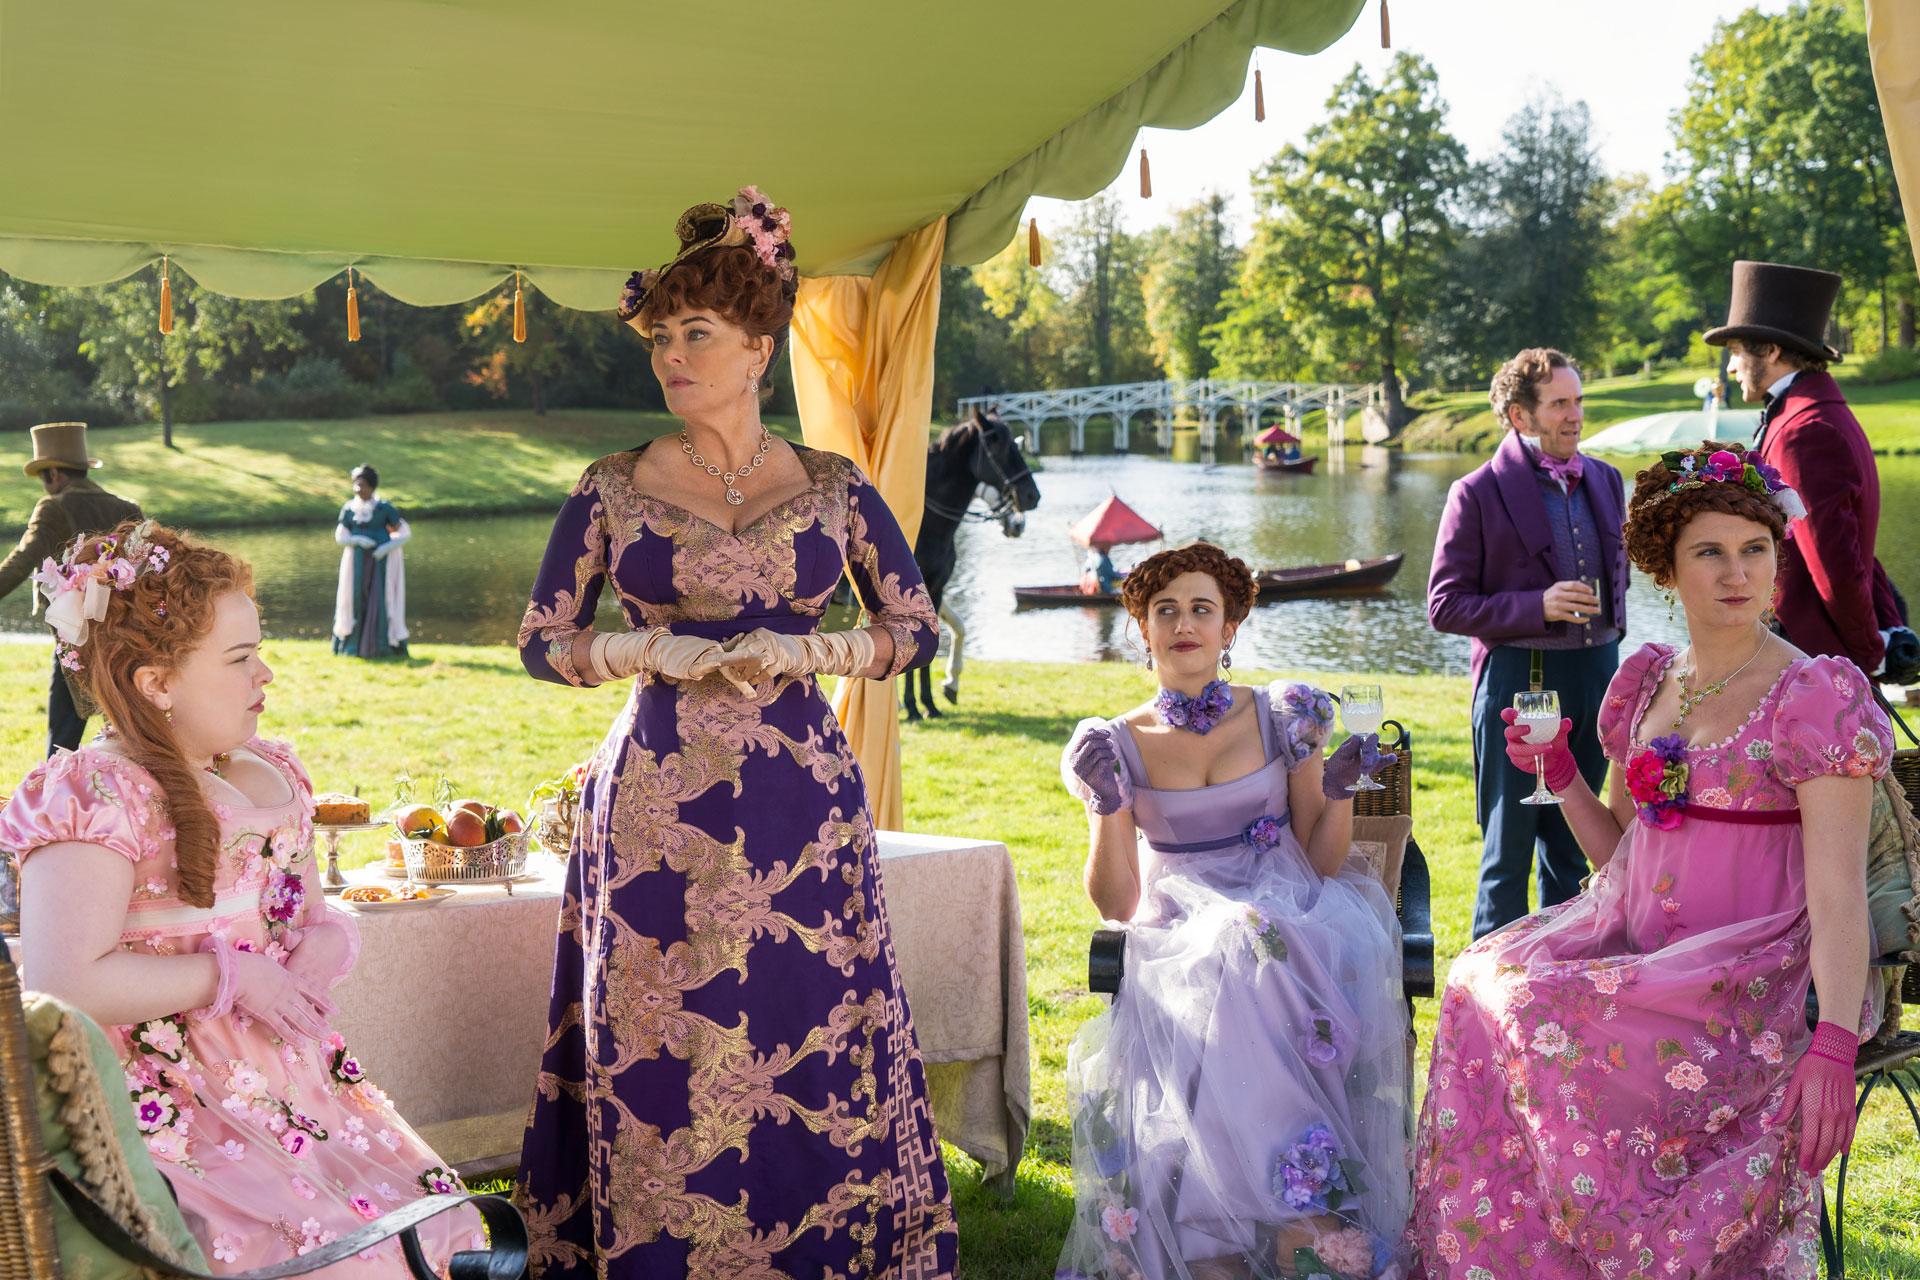 Bridgerton on Netflix: First Look | Release Date, Cast, Plot